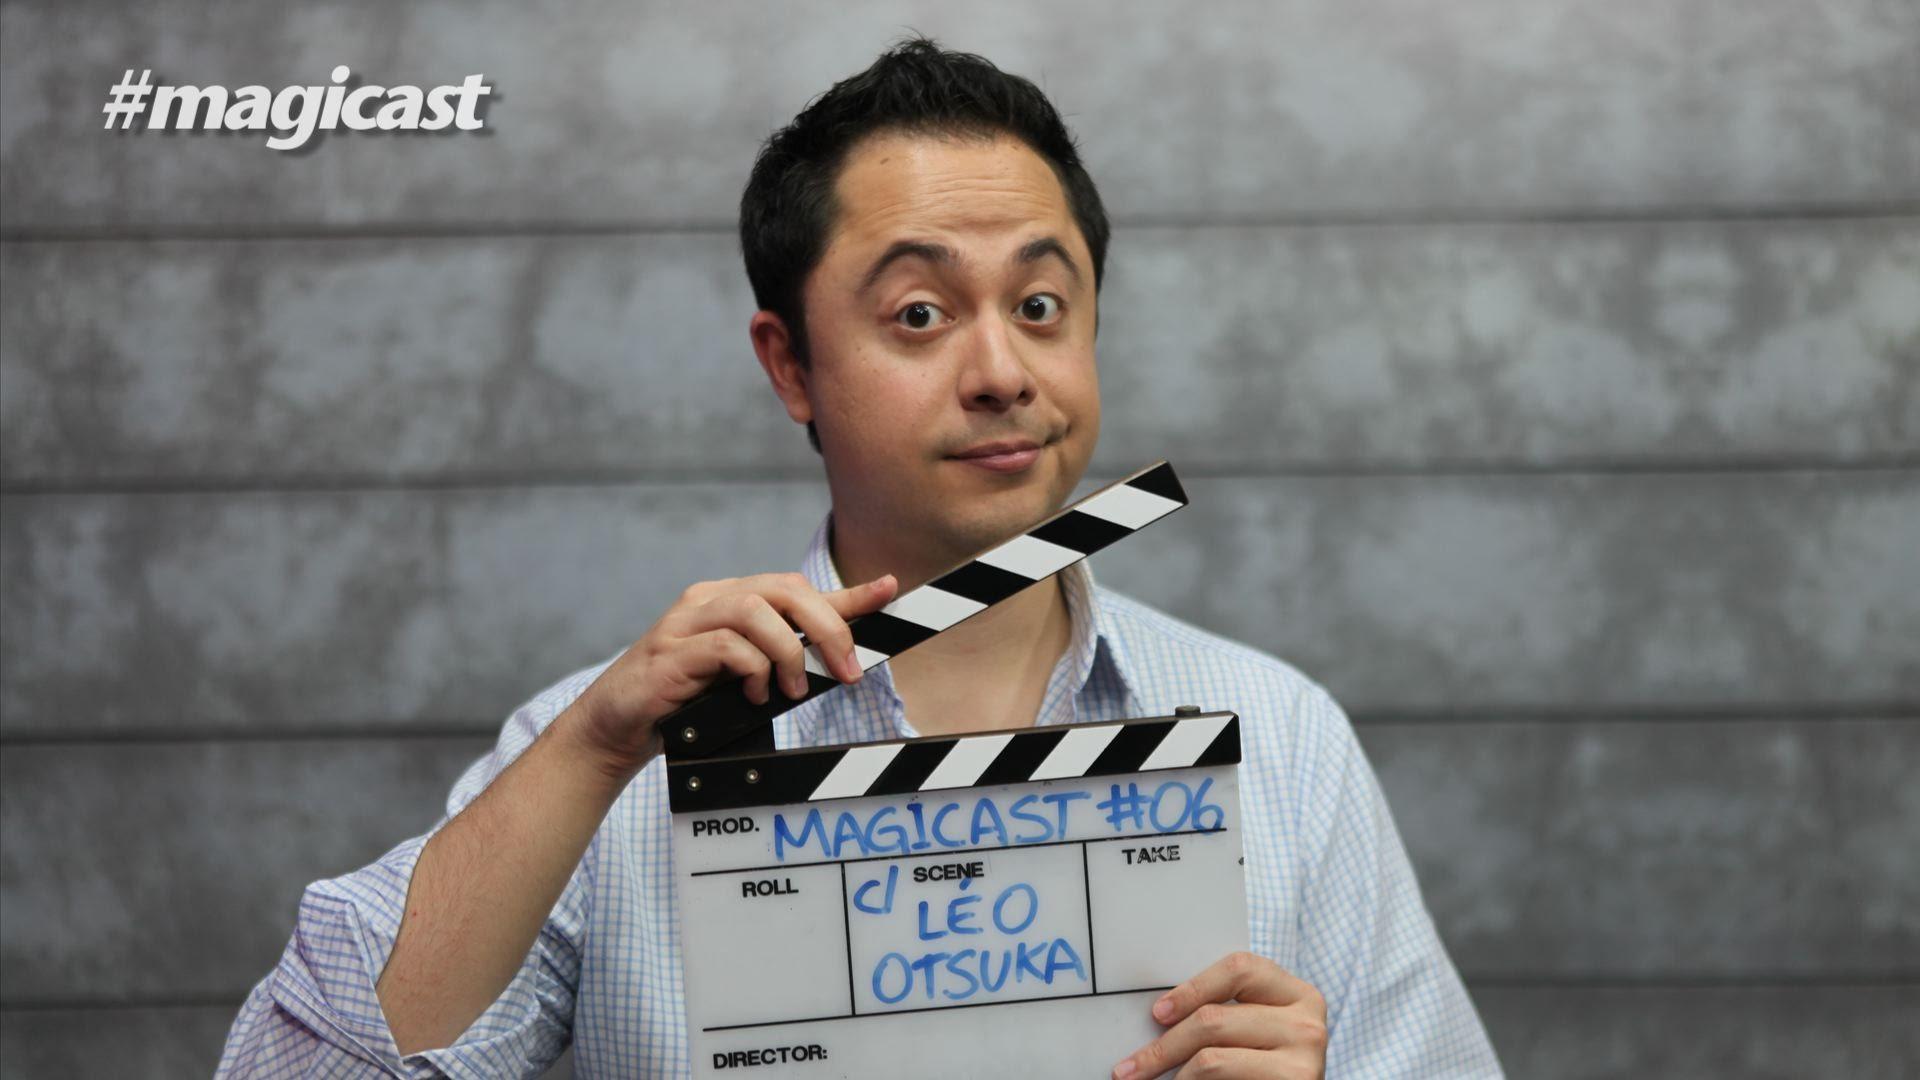 Magicast #06 com Léo Otsuka – o Embolsador